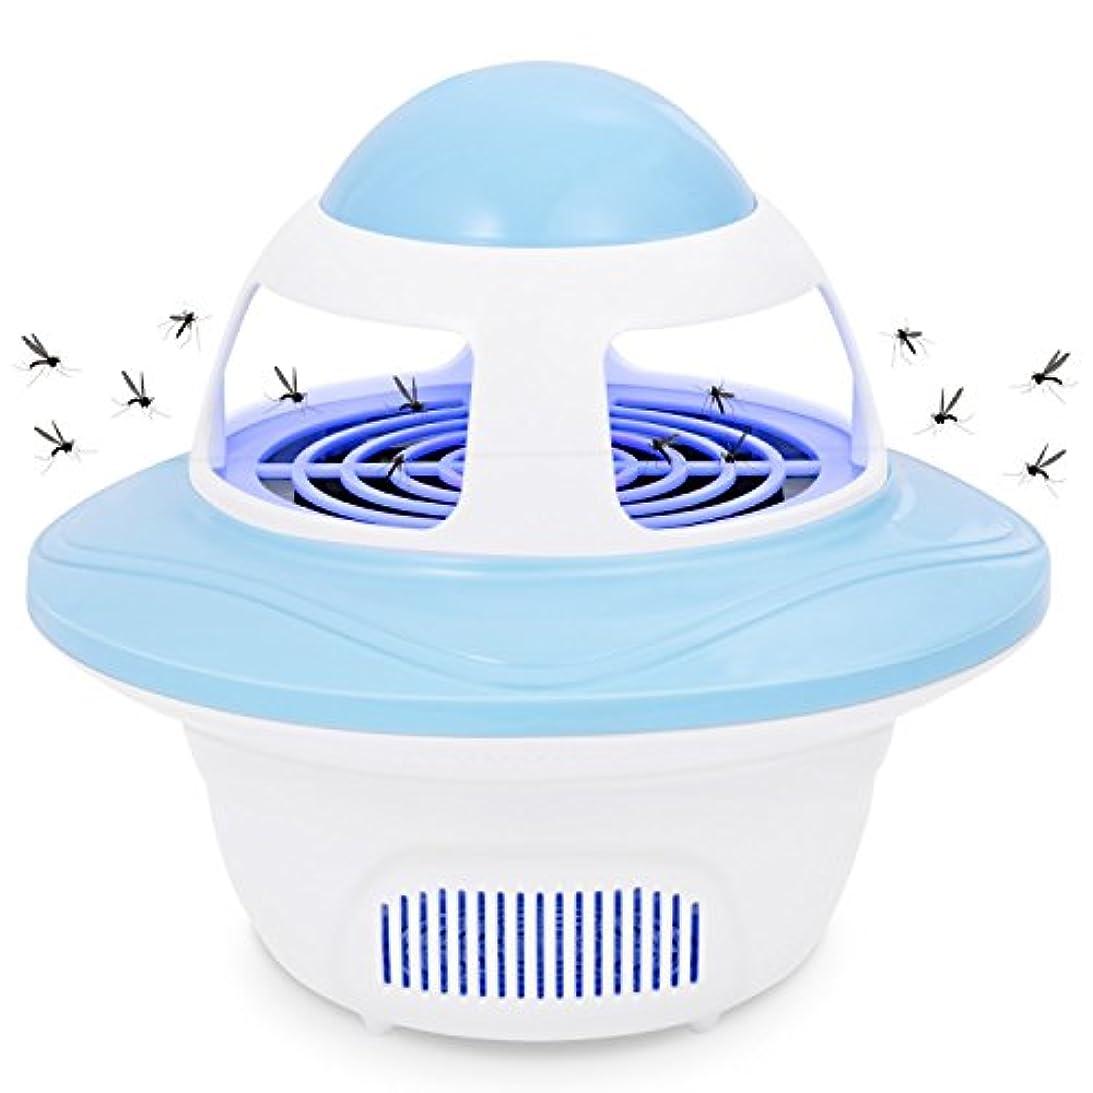 付添人懺悔追記バグジャッパー電子屋内昆虫キラーUSBパワードLEDモスキートキャッチャーキラートラップファン16.5 * 15センチメートル,Blue